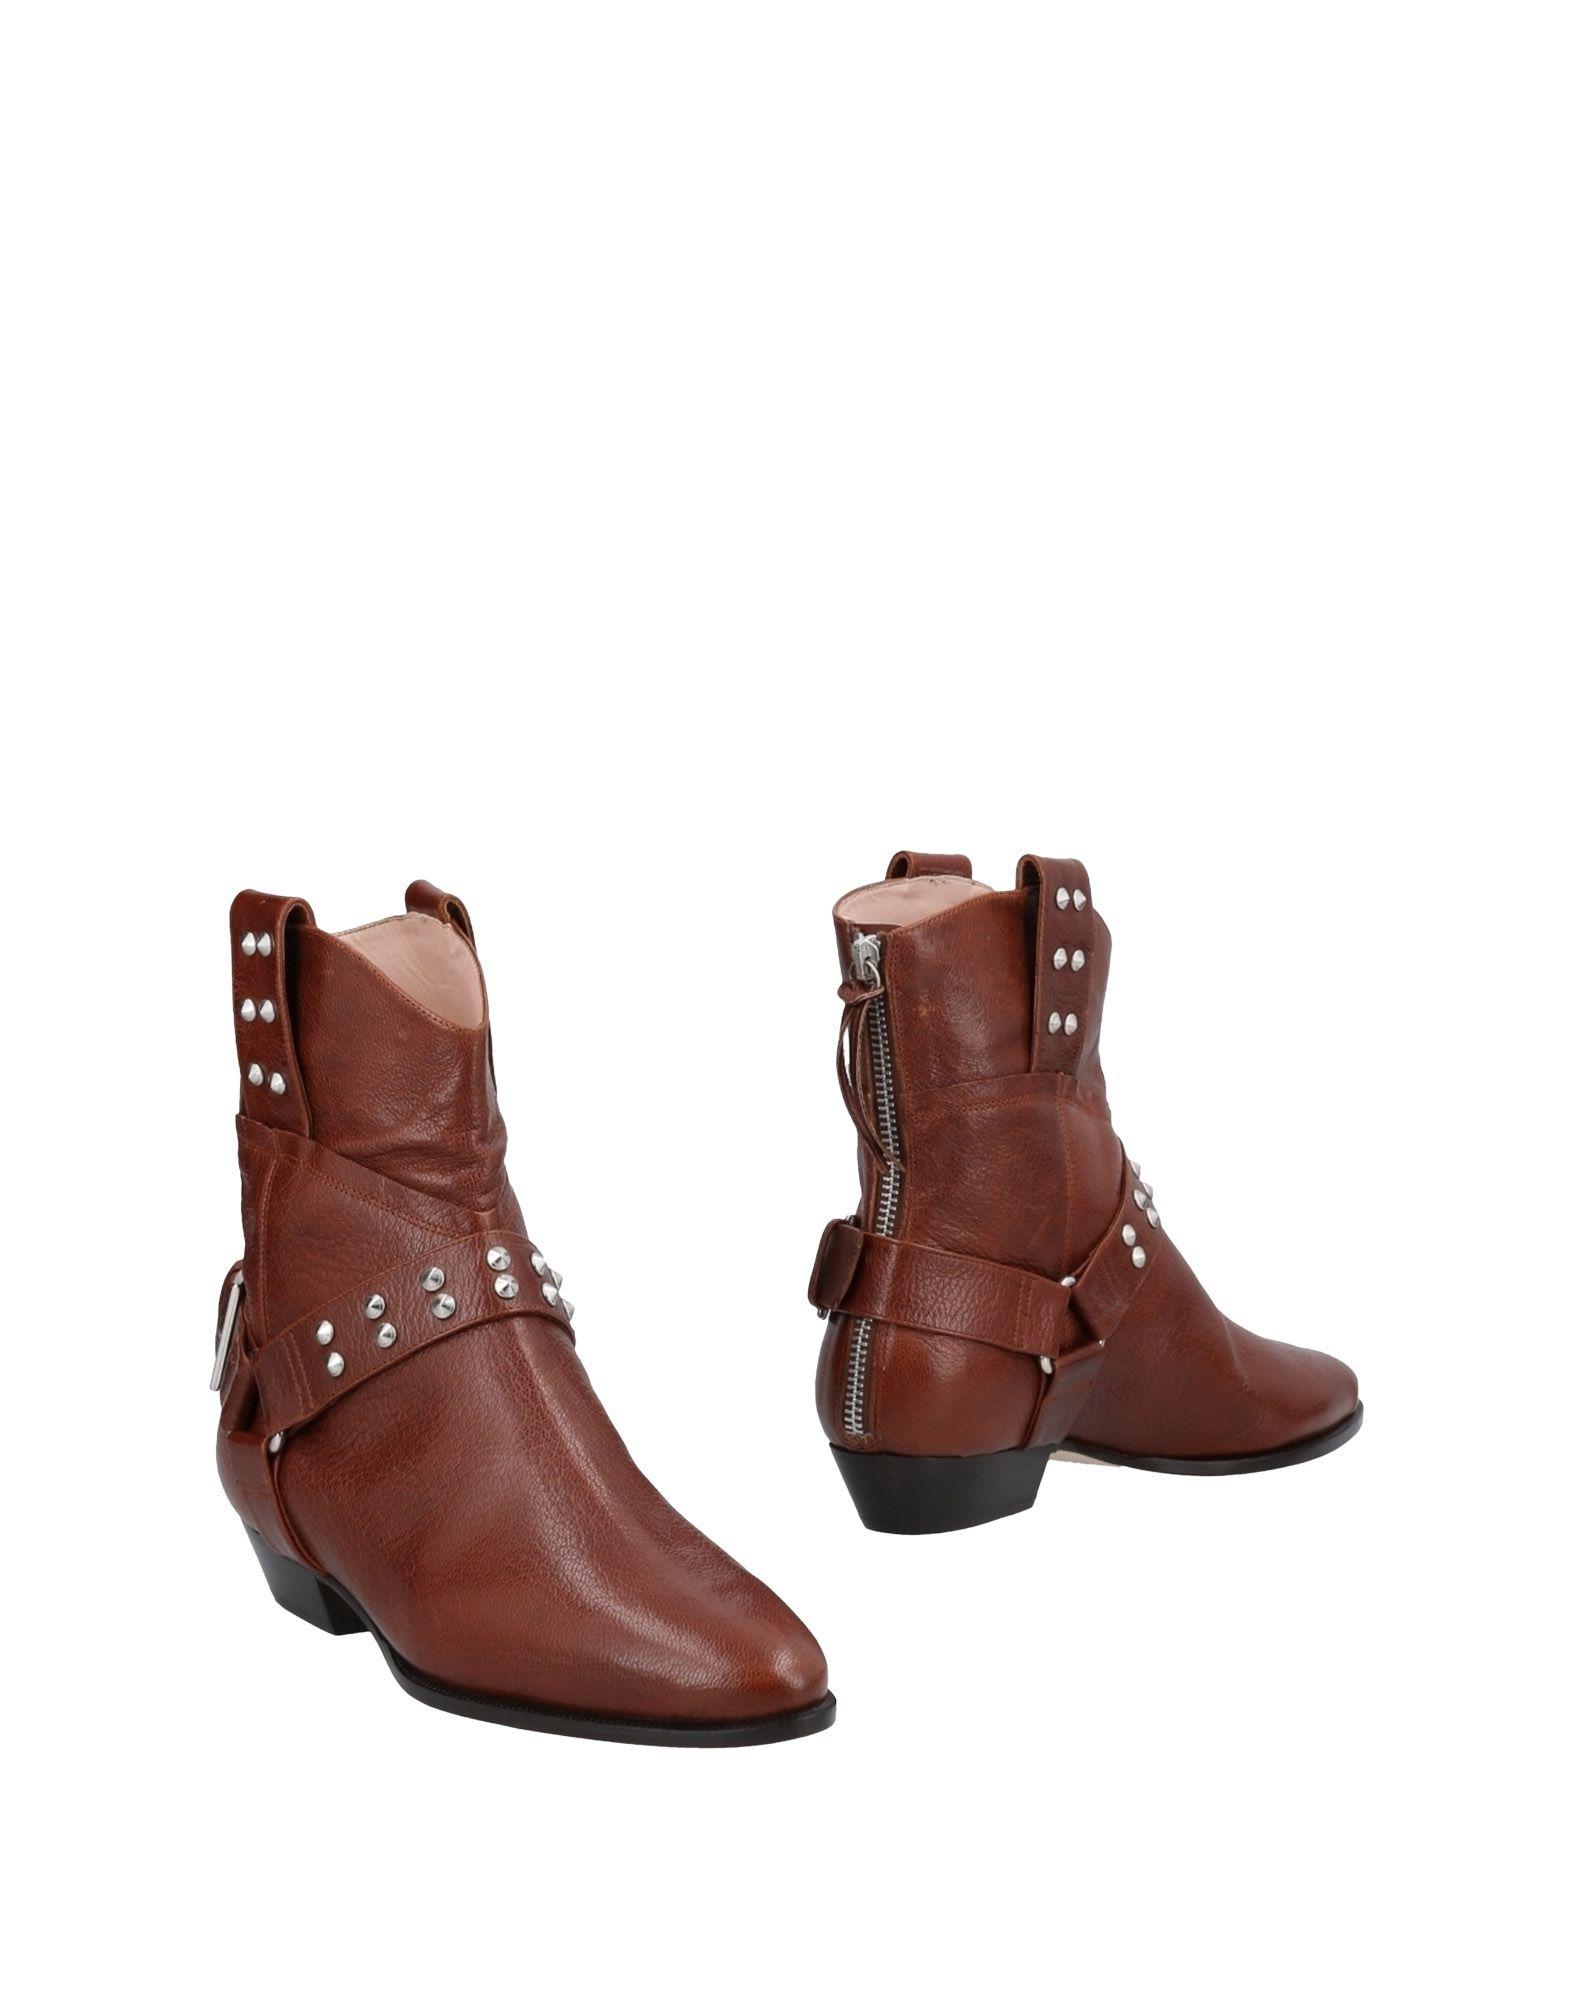 Moda Stivaletti Cavallini Donna - 11483621HE